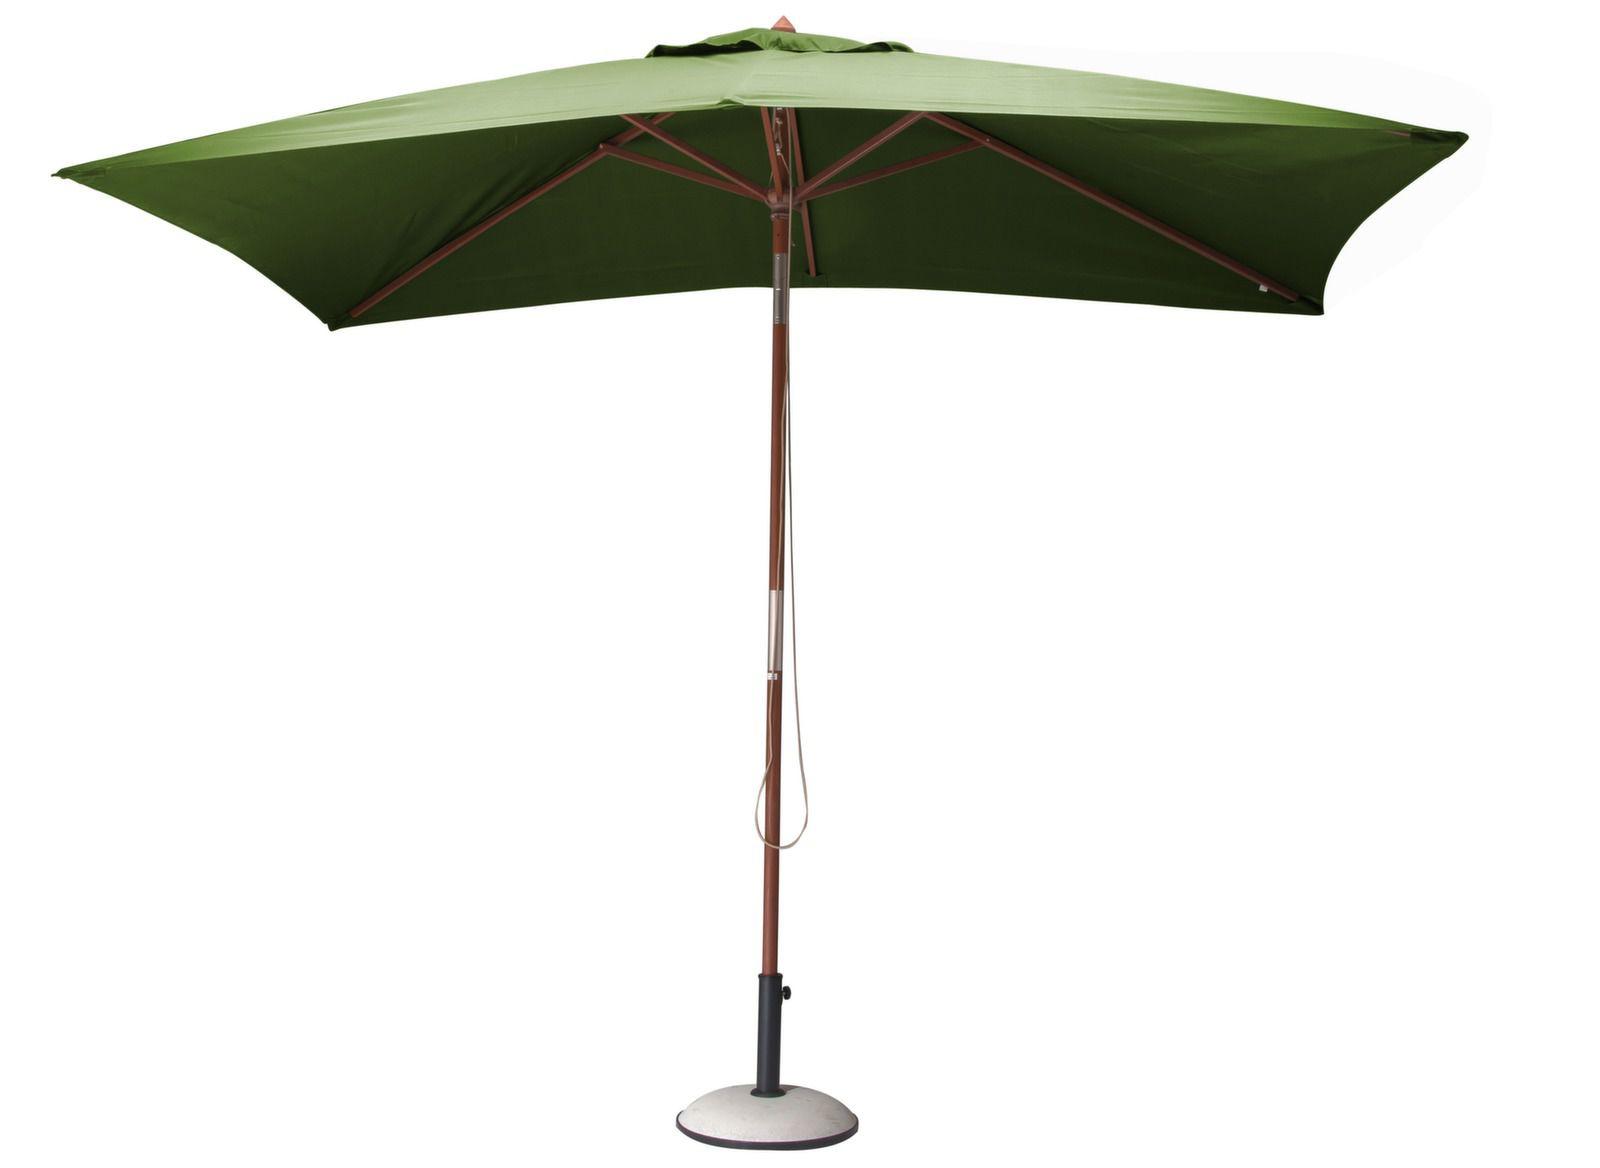 parasol en bois 3 x 2m promotion parasol bois proloisirs. Black Bedroom Furniture Sets. Home Design Ideas